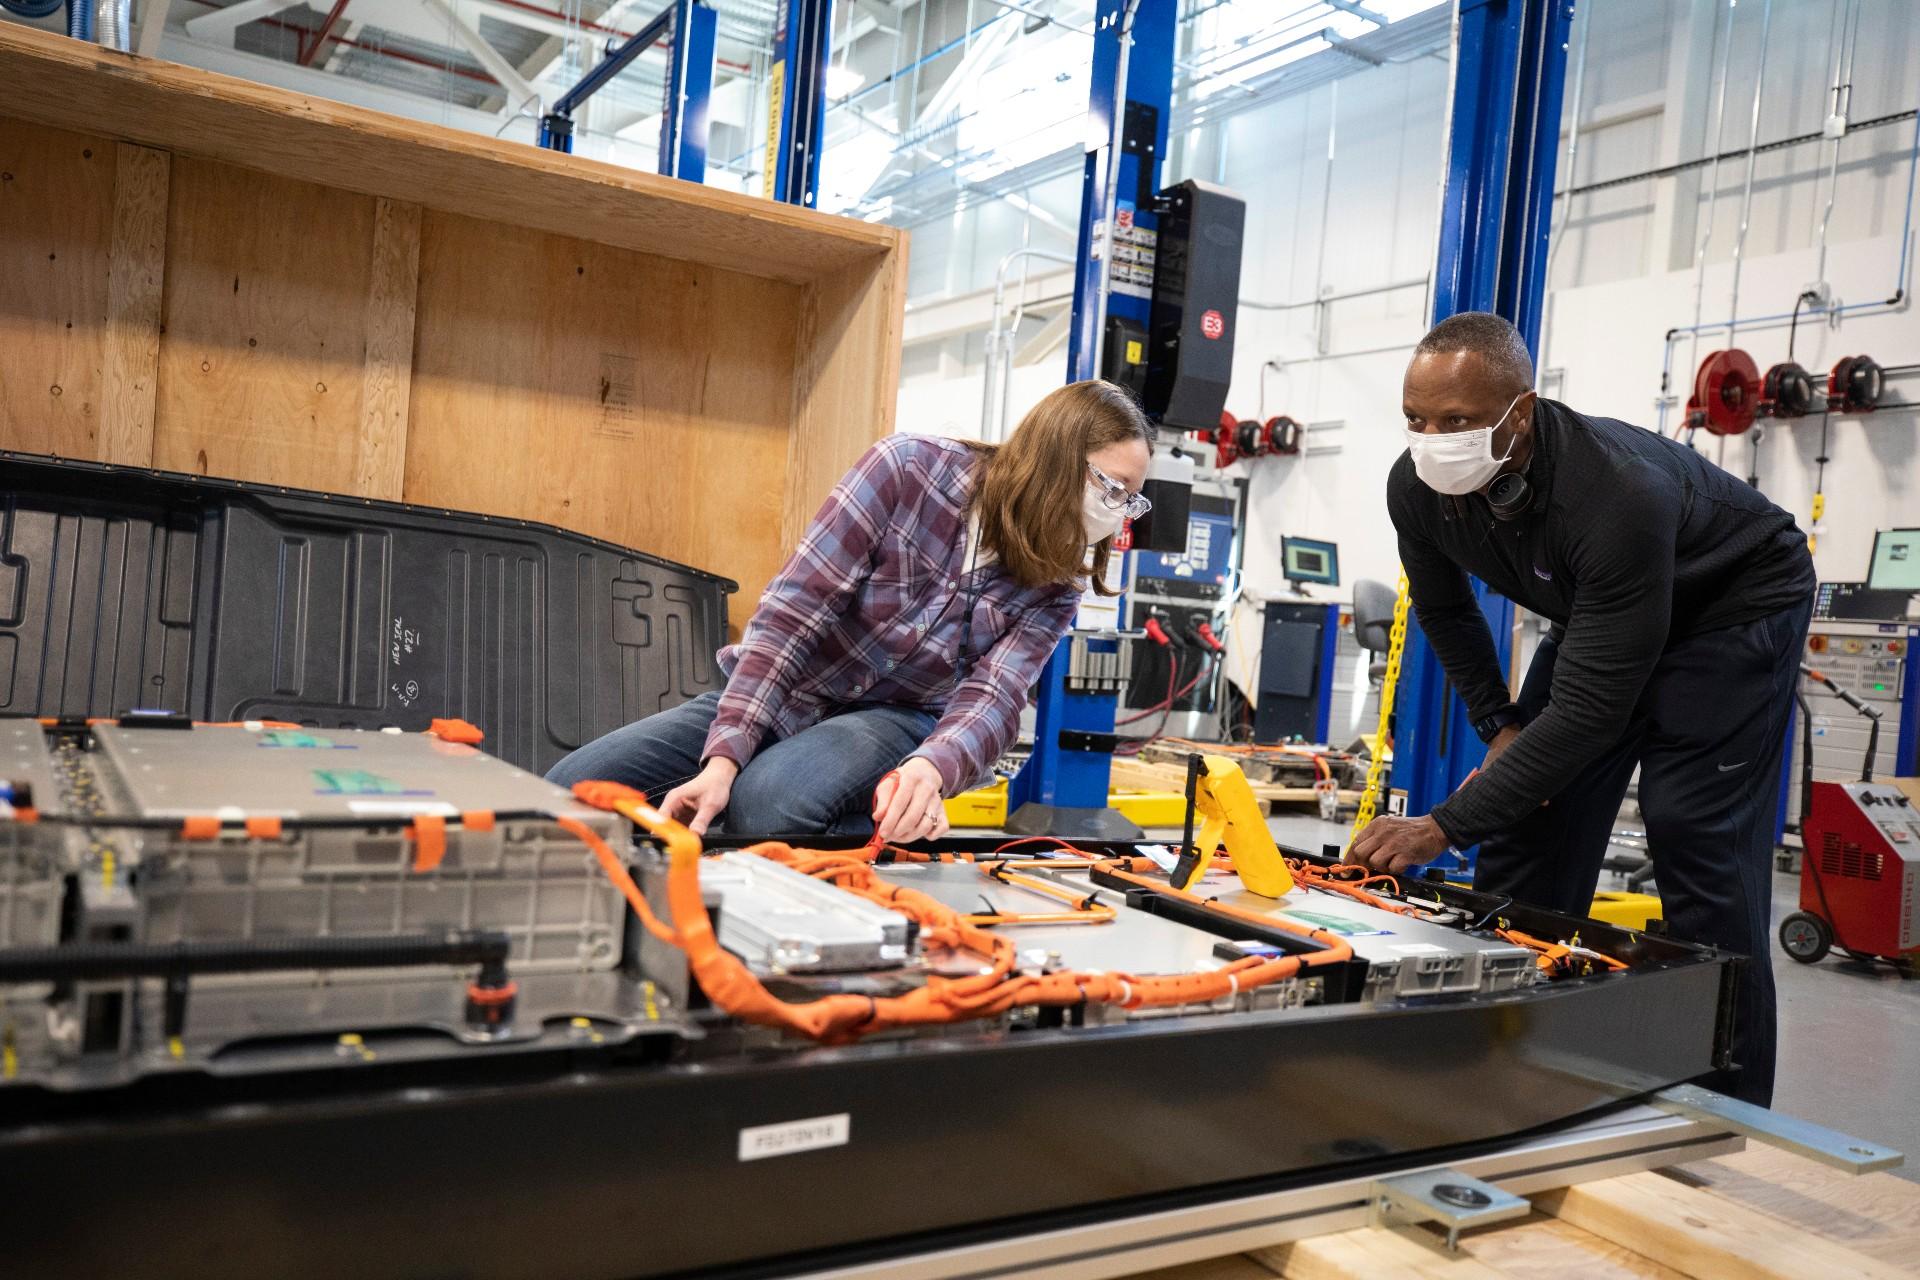 Ford подписывает совместное предприятие с SK Innovation, отказываясь от своей позиции в отношении аккумуляторов